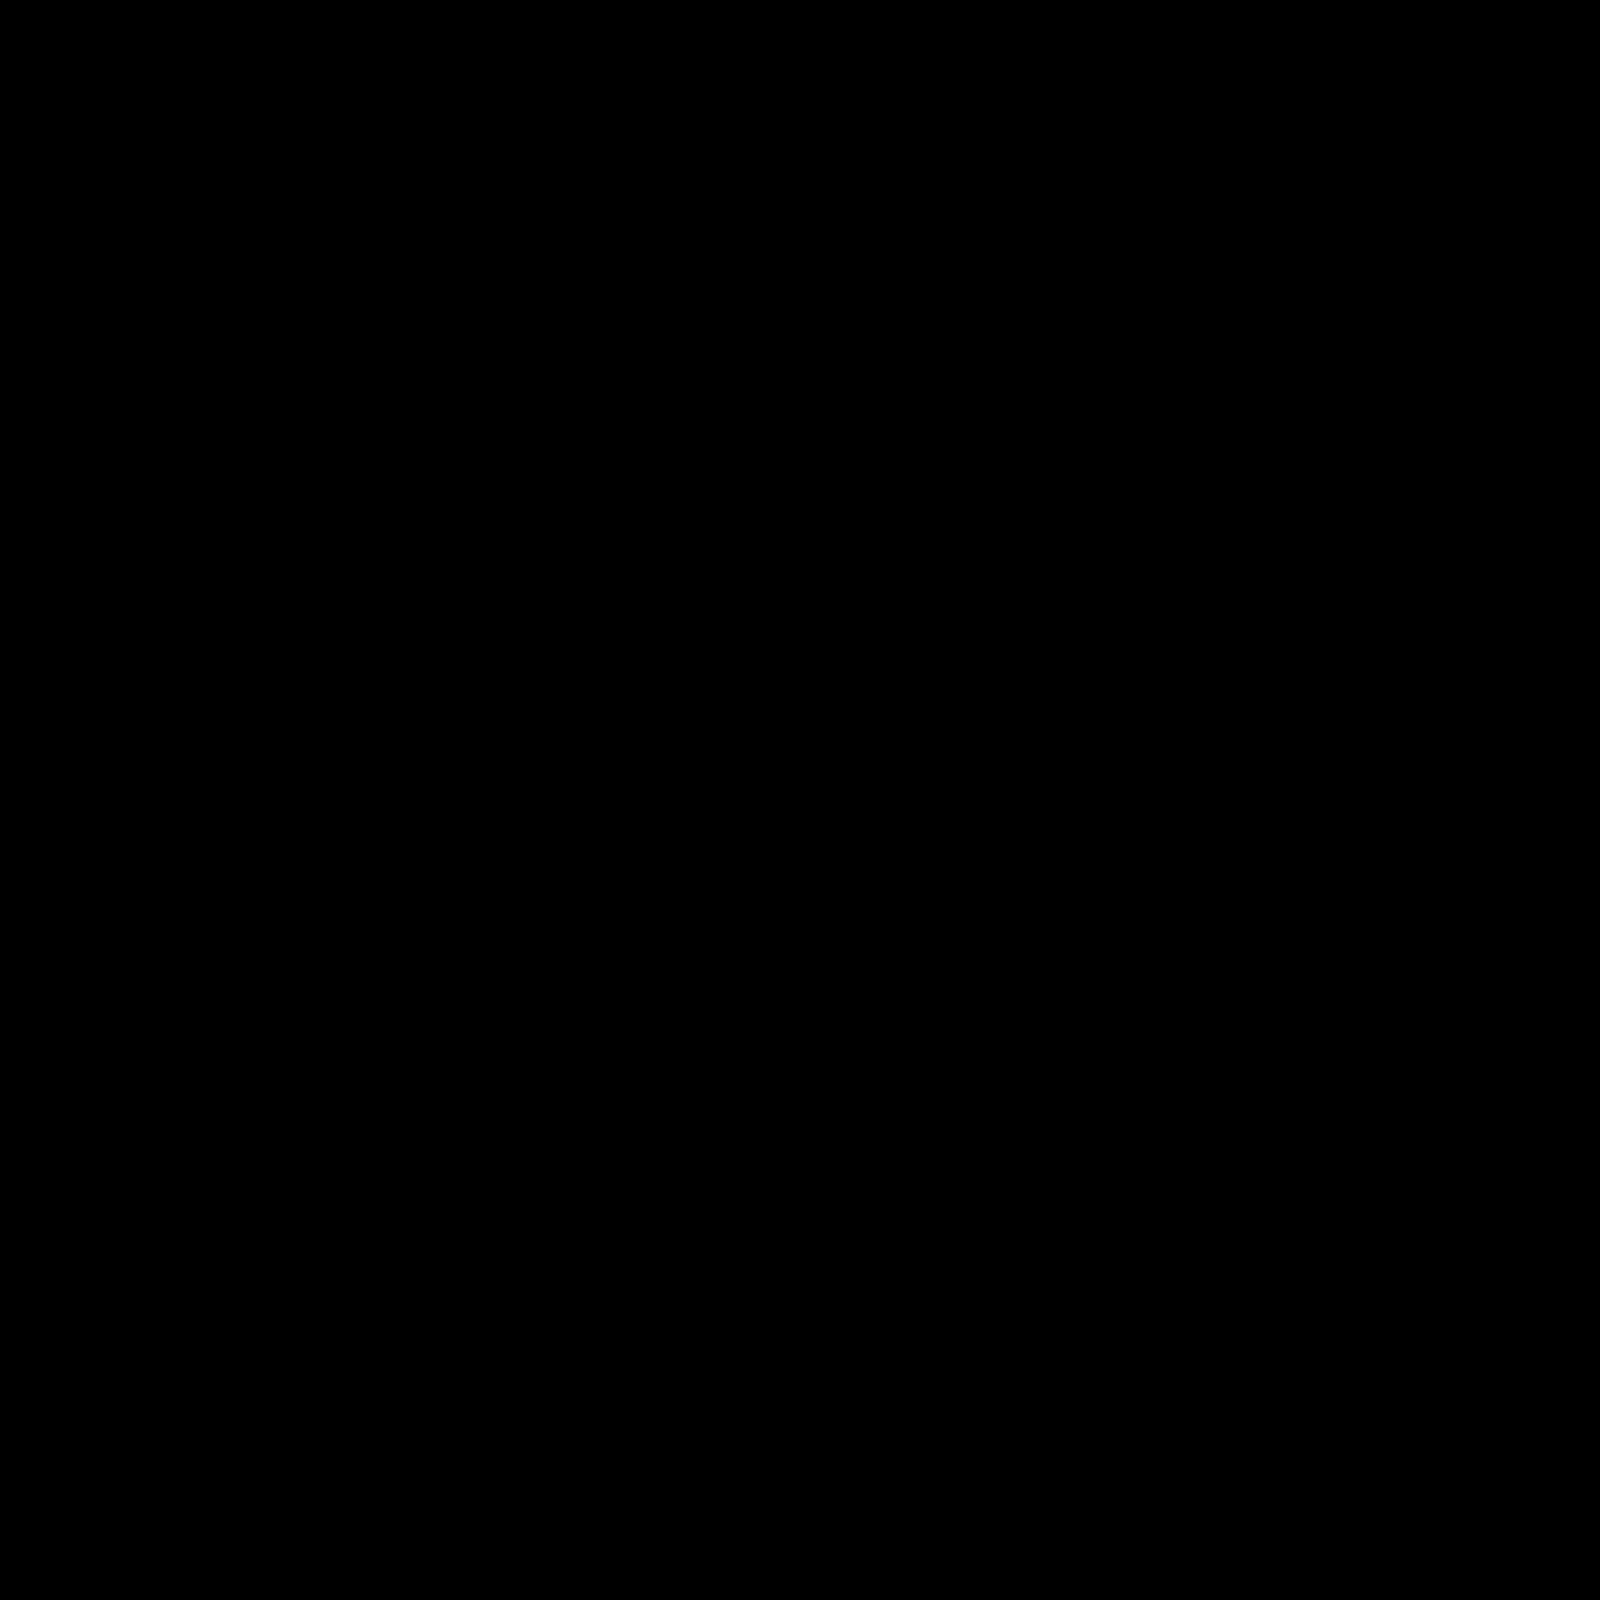 Jack of Diamonds icon